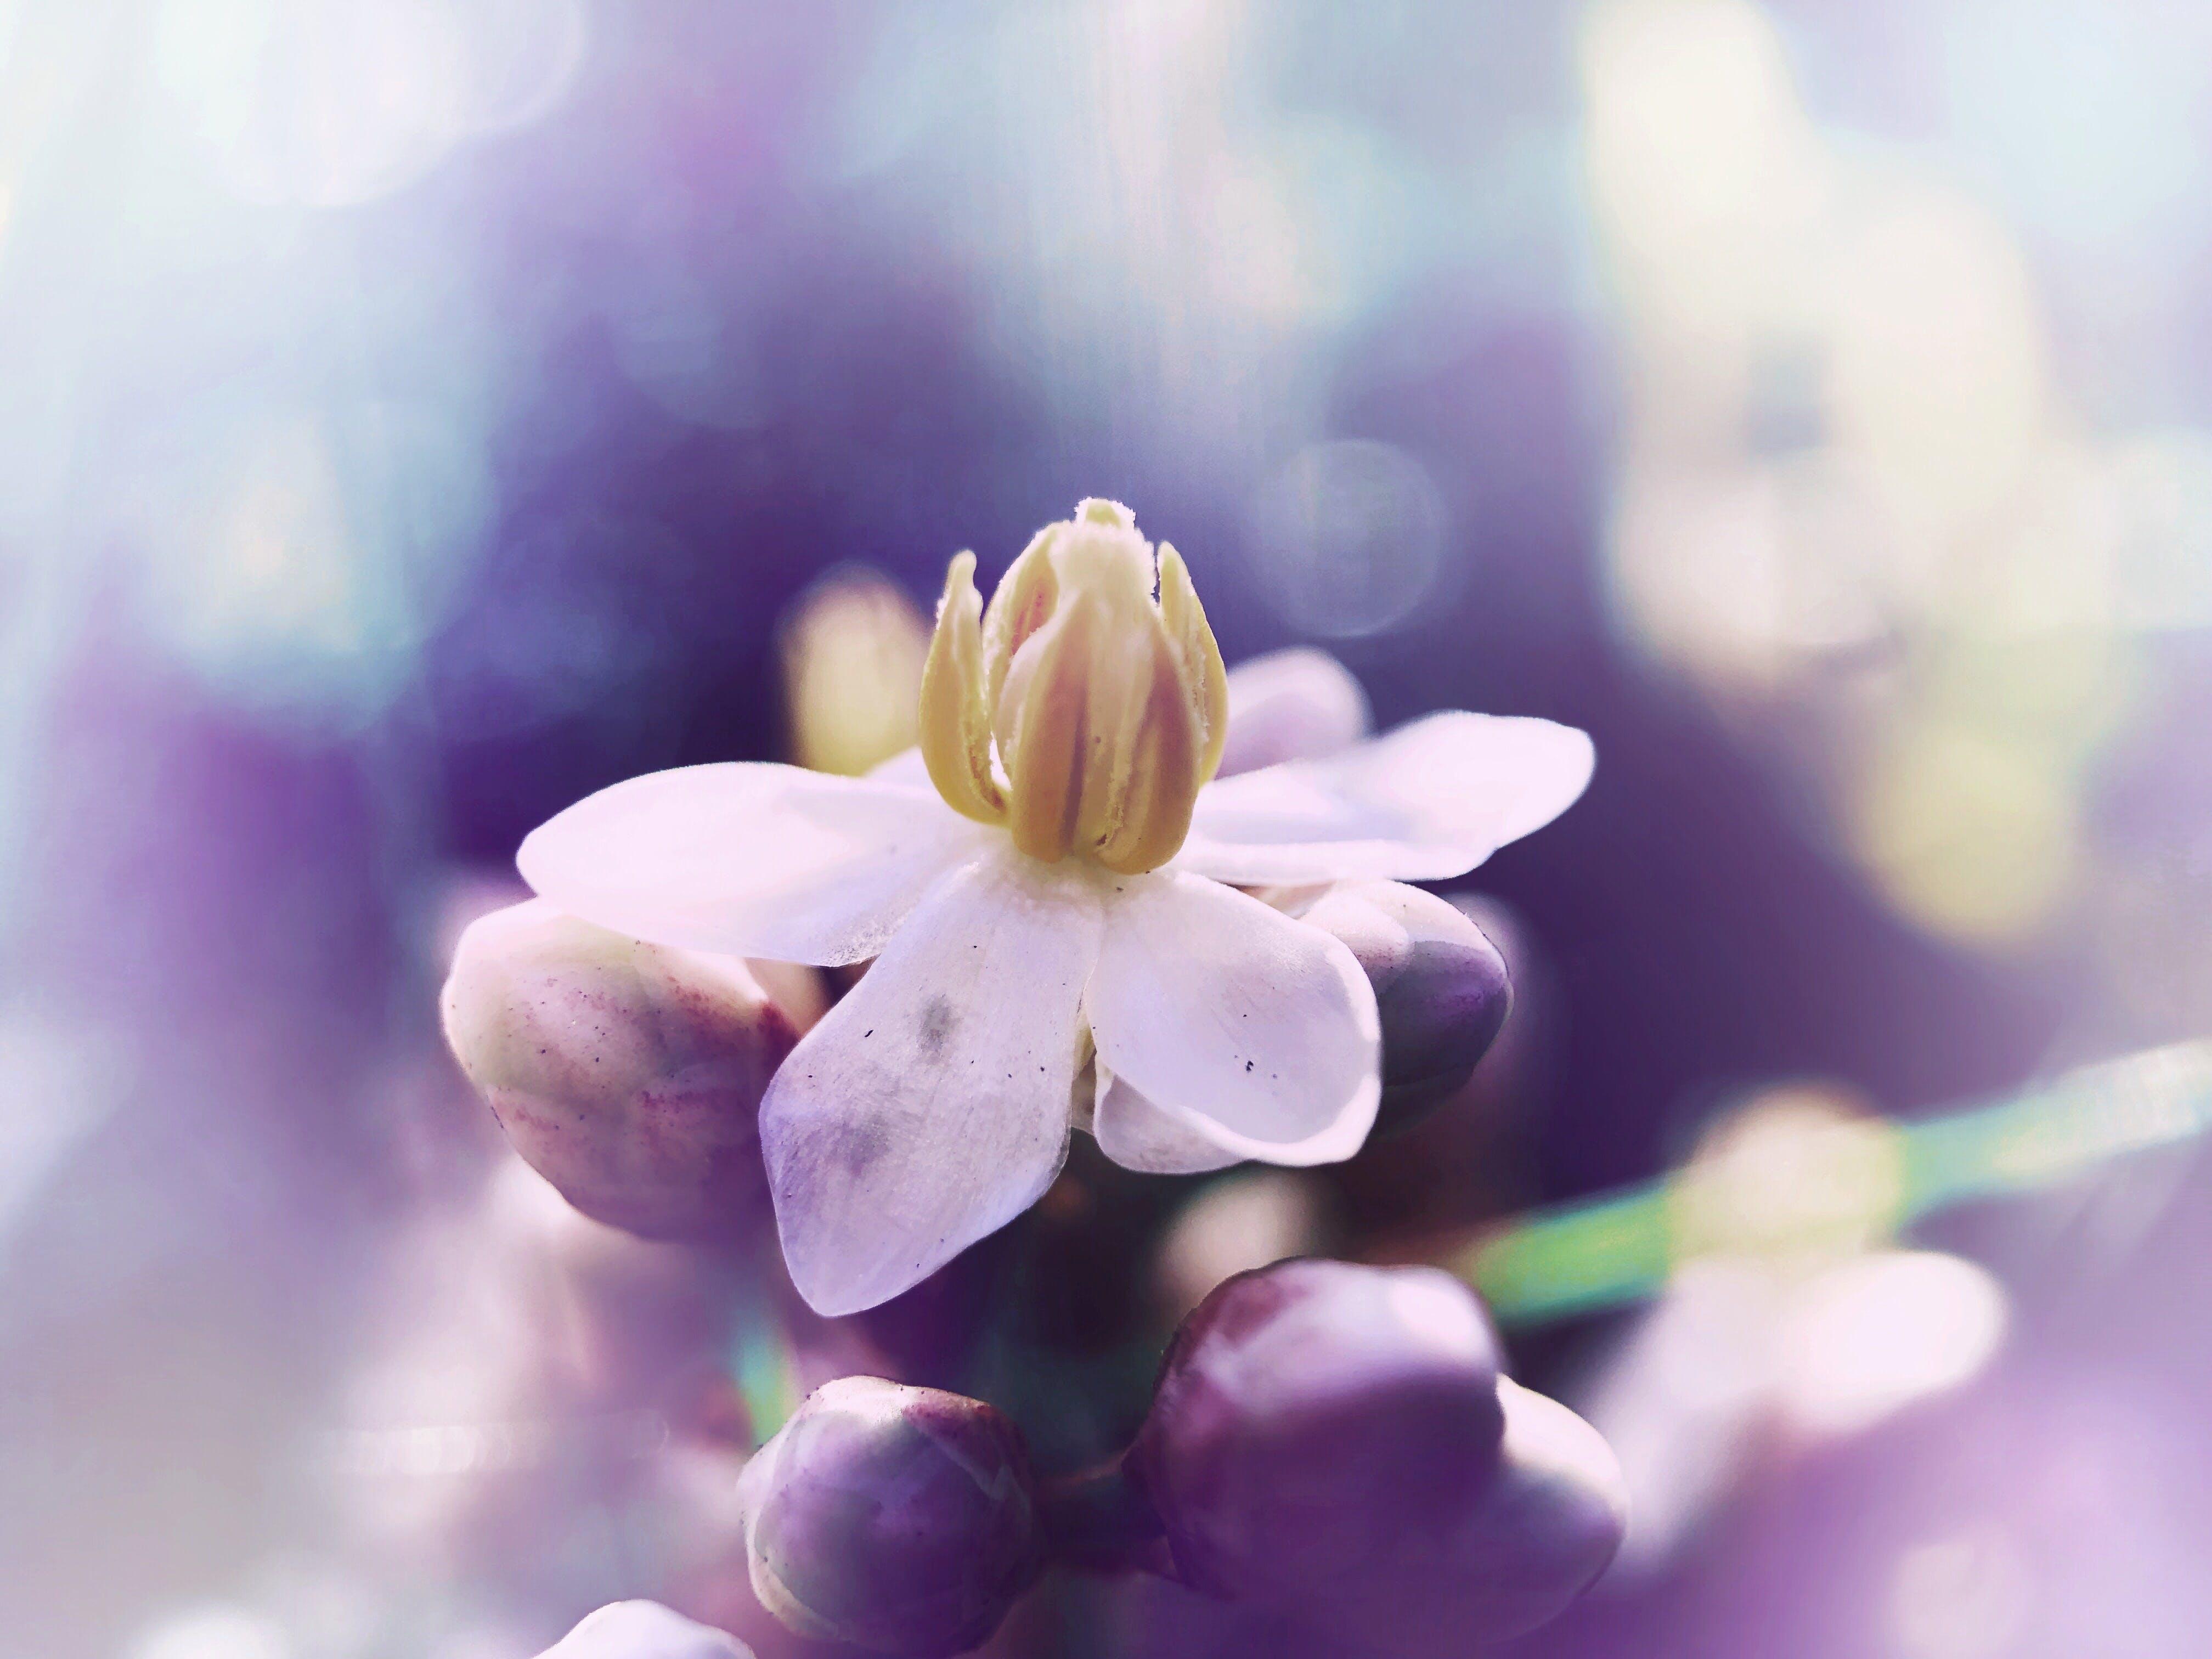 Kostenloses Stock Foto zu #blume #natur #garten # knöpfe #dreamy #pastel